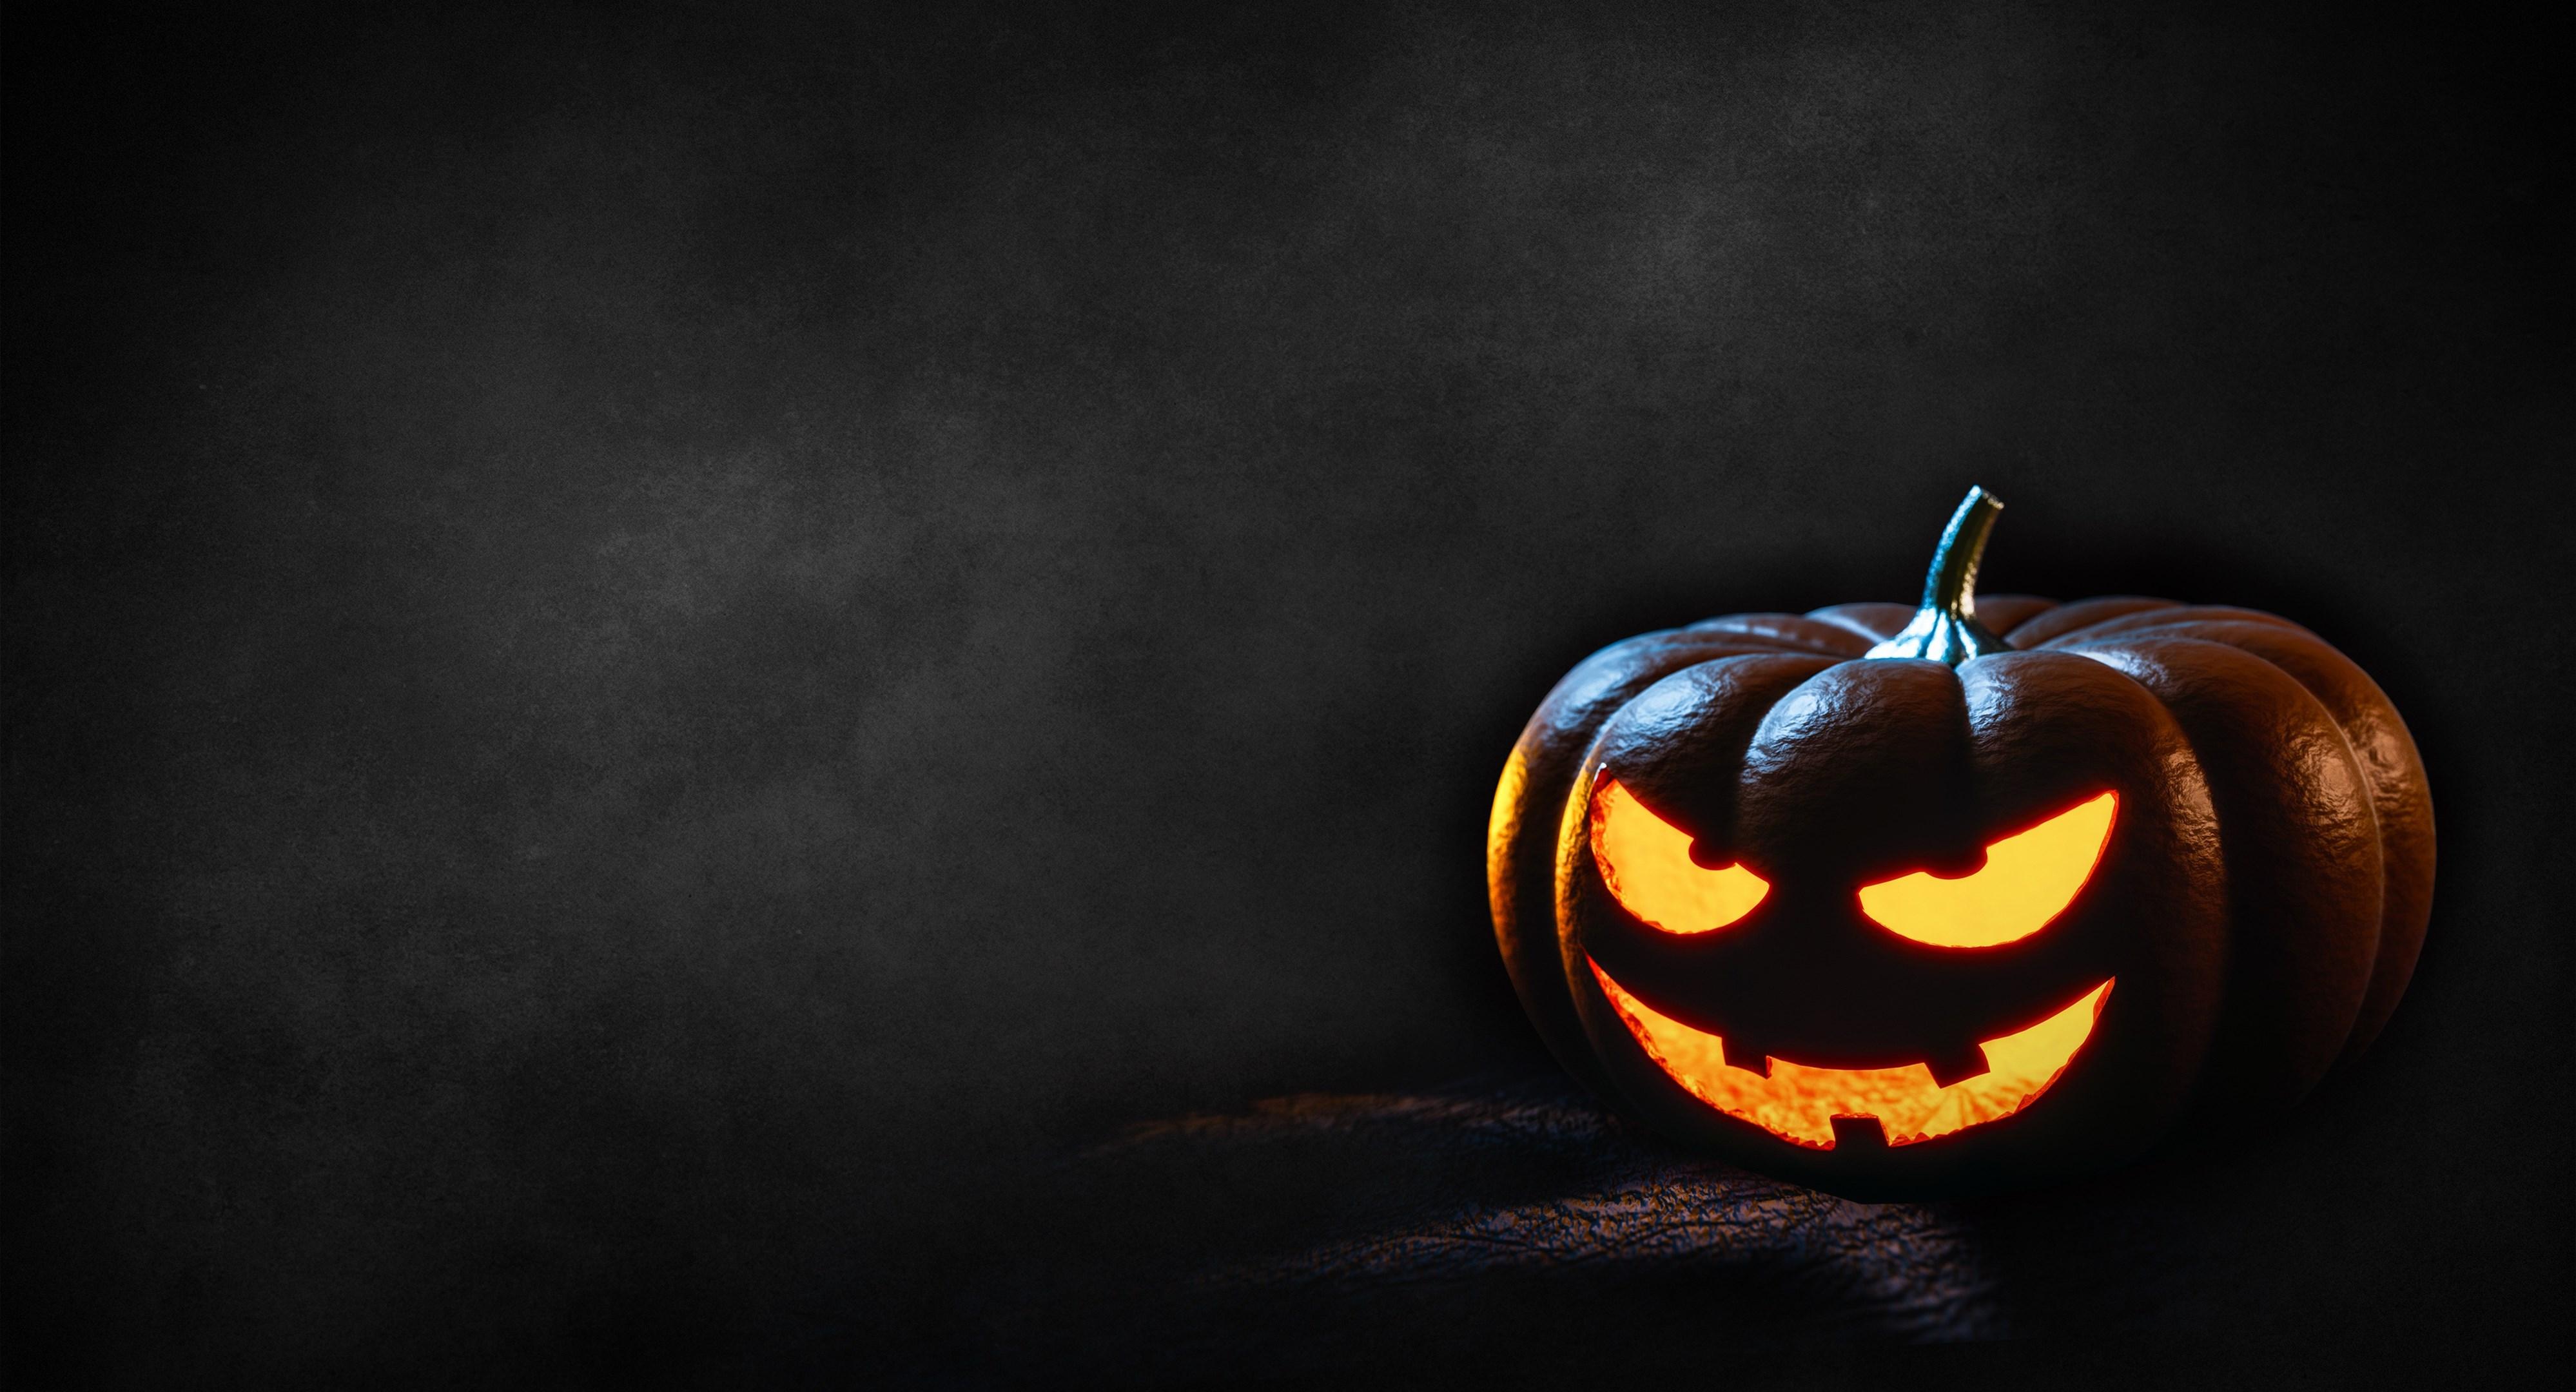 Halloween pumpkin background hd